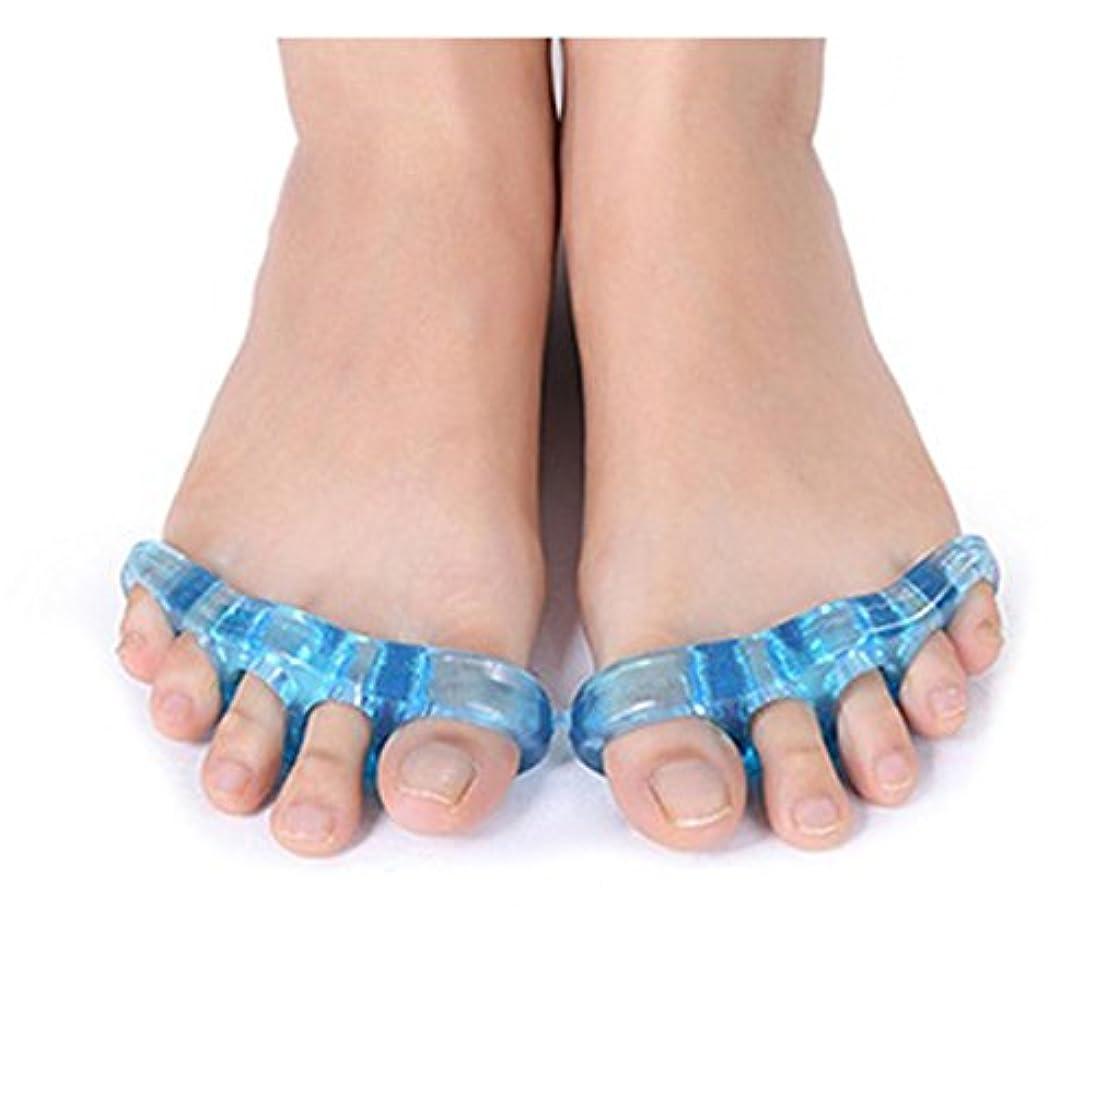 プロペラレイアウトレッスン足指ストレッチパッド 広げる 足ゆび 5本指 両足セット 足指矯正 外反母趾 つま先 (大(約12cm))